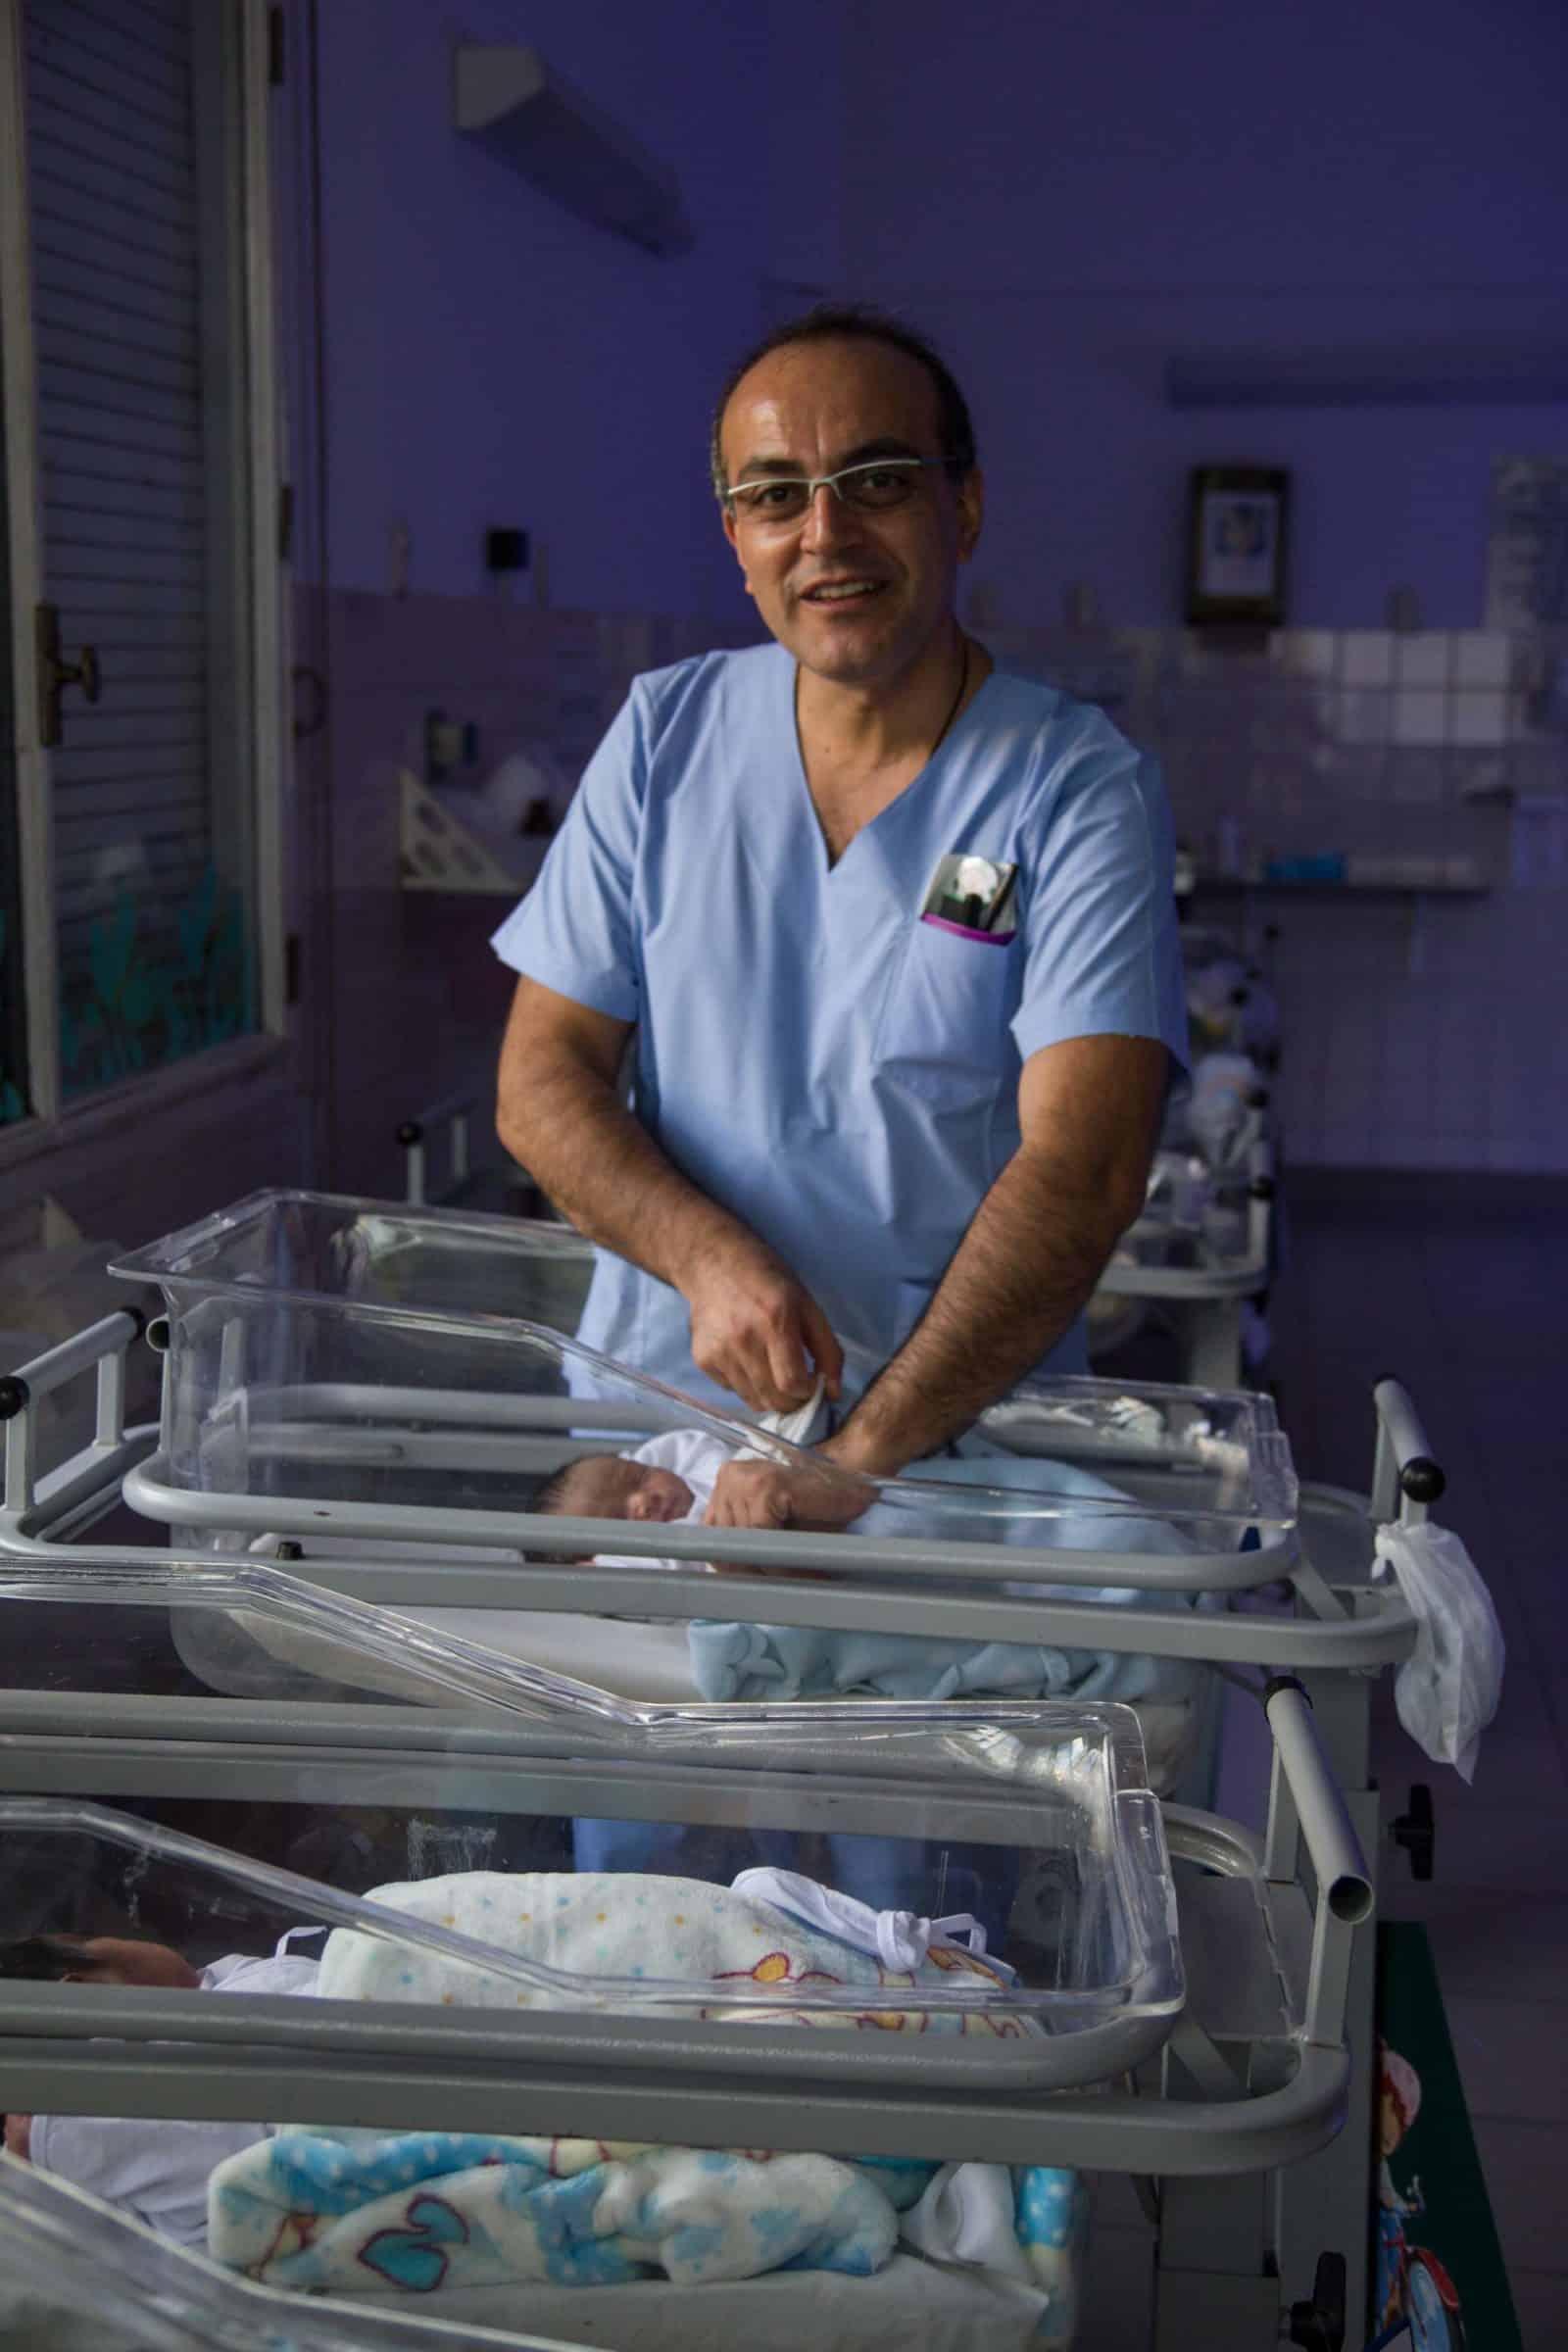 ecole dinfirmier anesthesiste de toulouse Allié précieux du chirurgien, l'anesthésiste travaille exclusivement dans les  hôpitaux ou les cliniques il est assisté par un infirmier anesthésiste l'évolution  du.